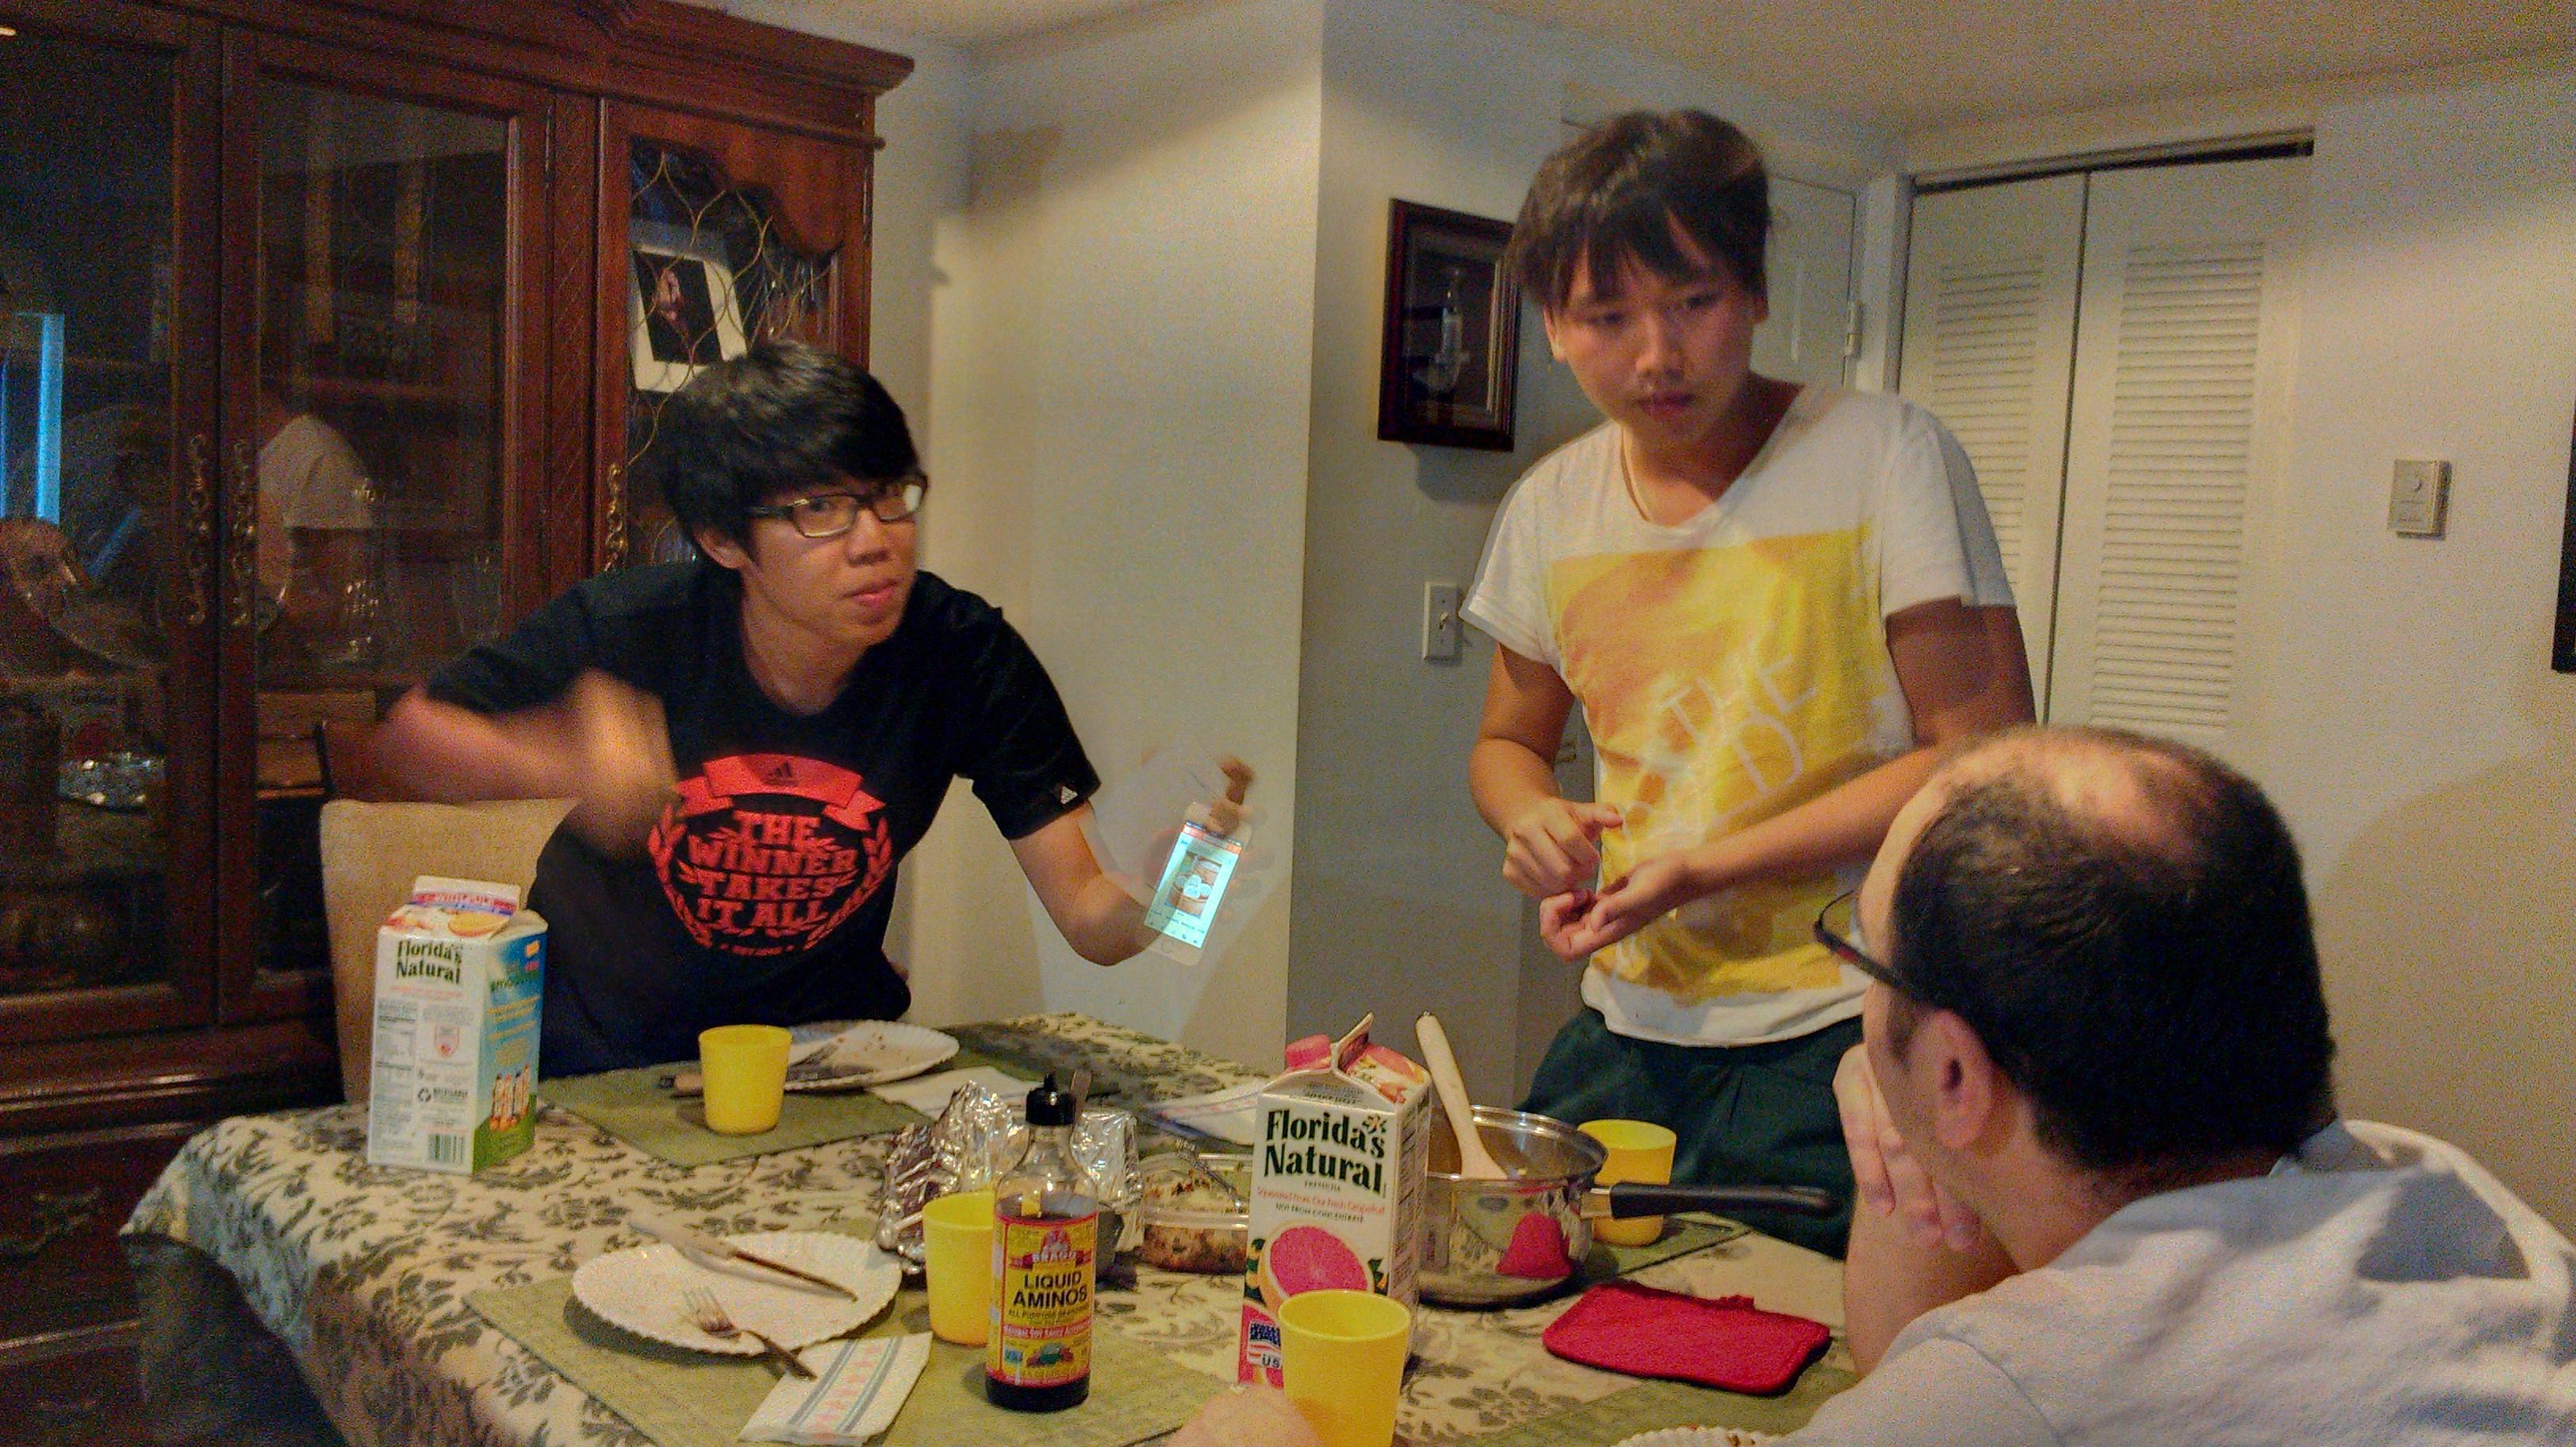 Chen e Yan tentando explicar o que eles comem no café da manhã na China.